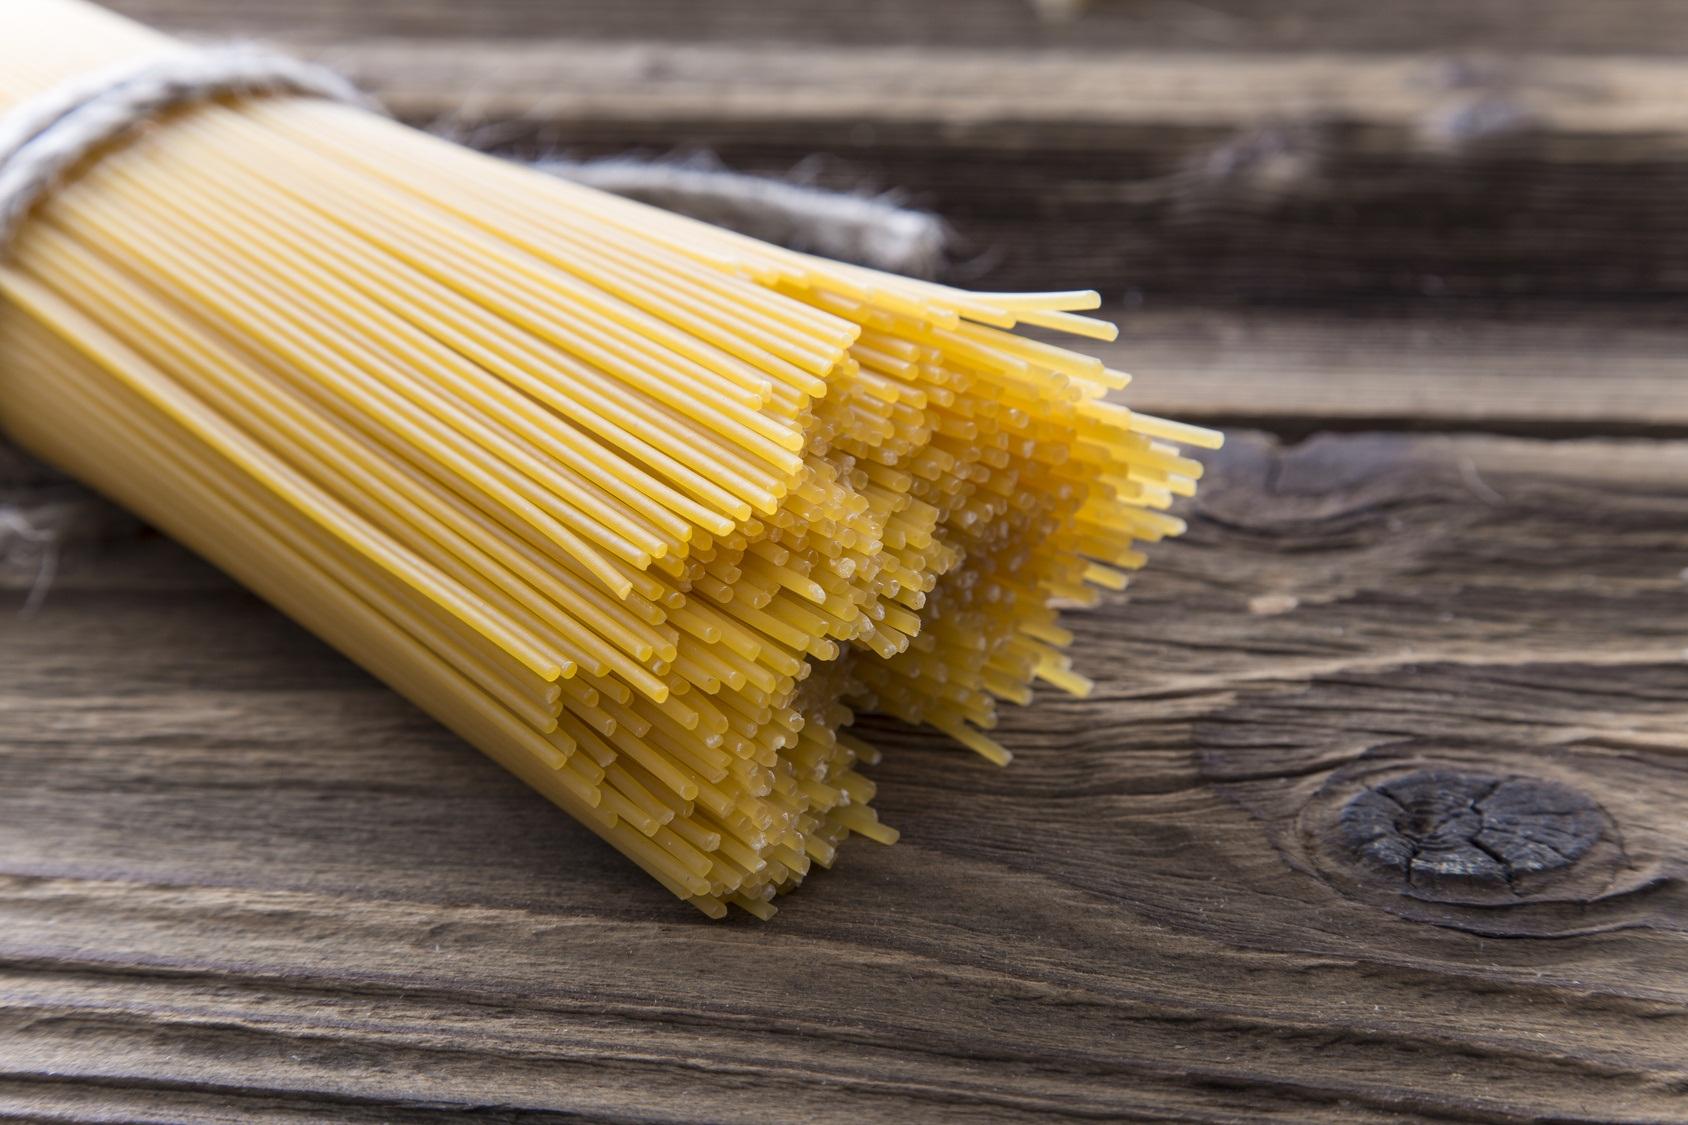 Analisi sulla pasta: ecco le marche di spaghetti che presentano ancora glifosato